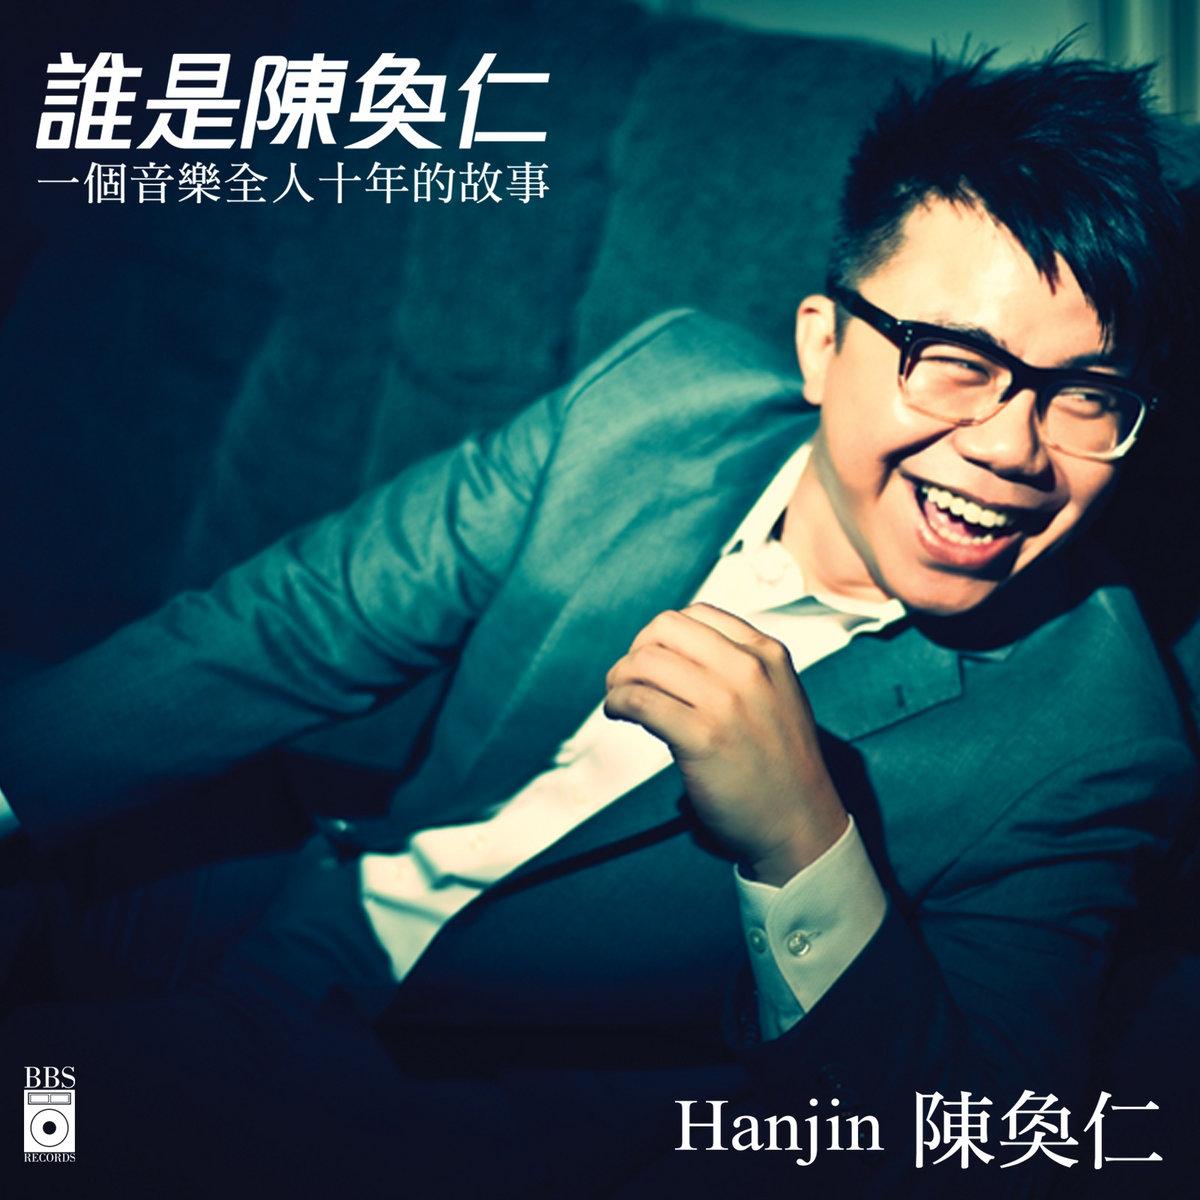 11 我們都有錯 Mistakes   陳奐仁 hanjin